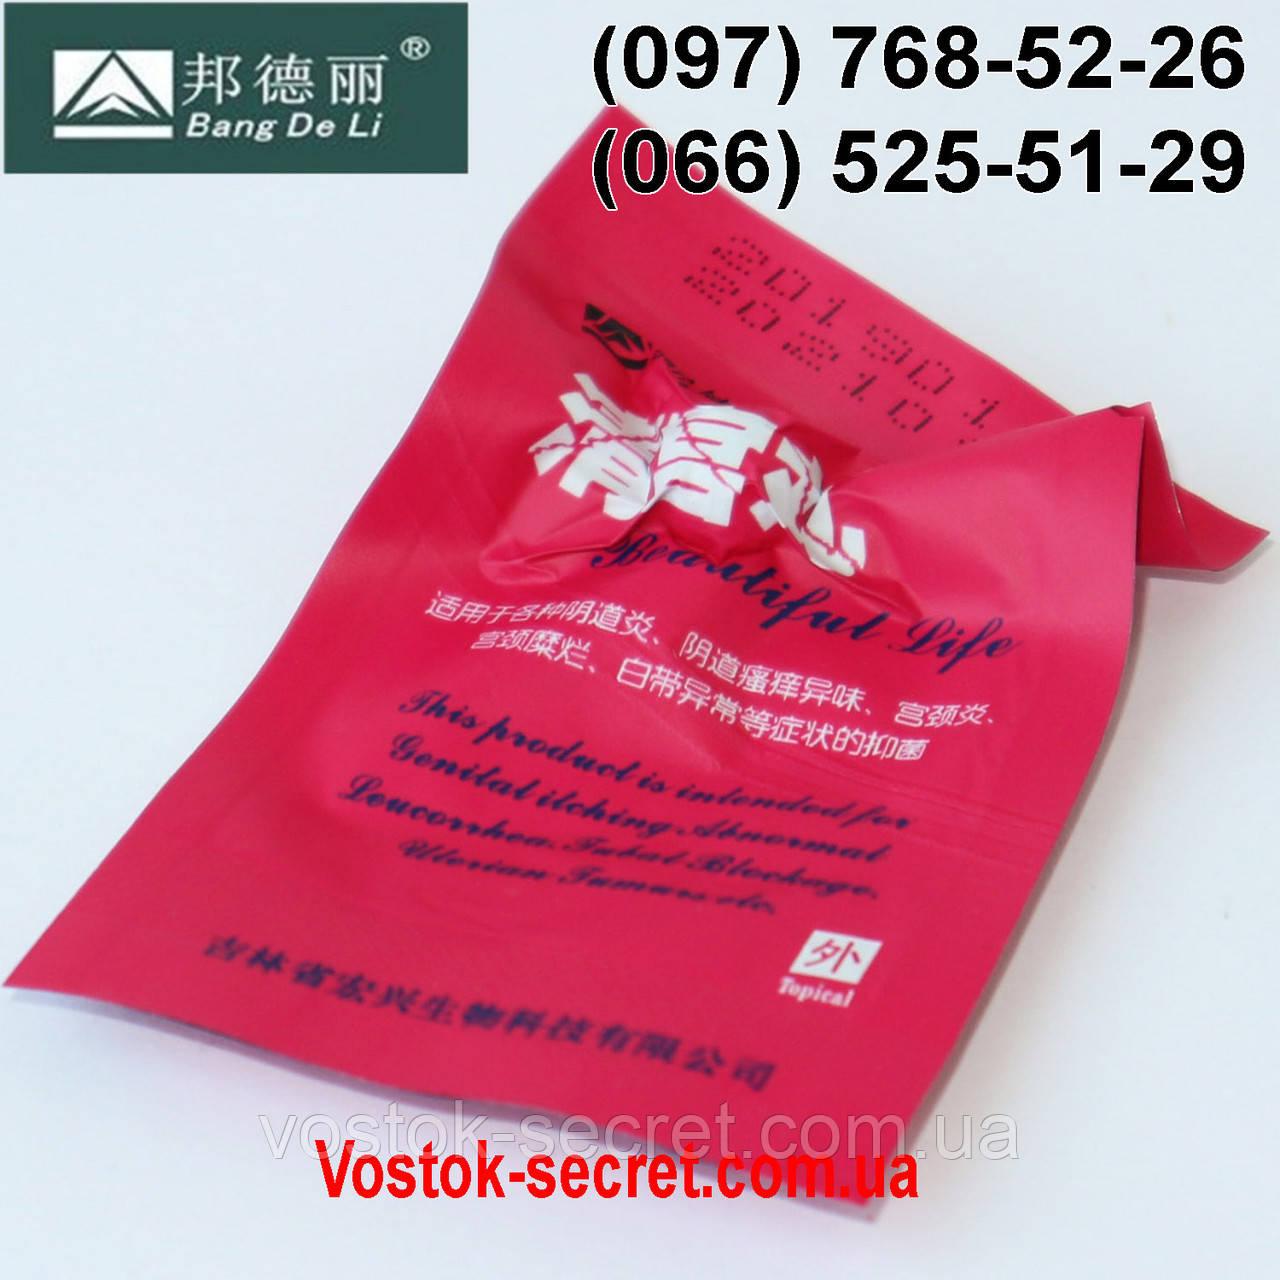 10 китайских тампонов Beautiful Life (Бьютифул Лайф),  срок годности до 08.2021г.